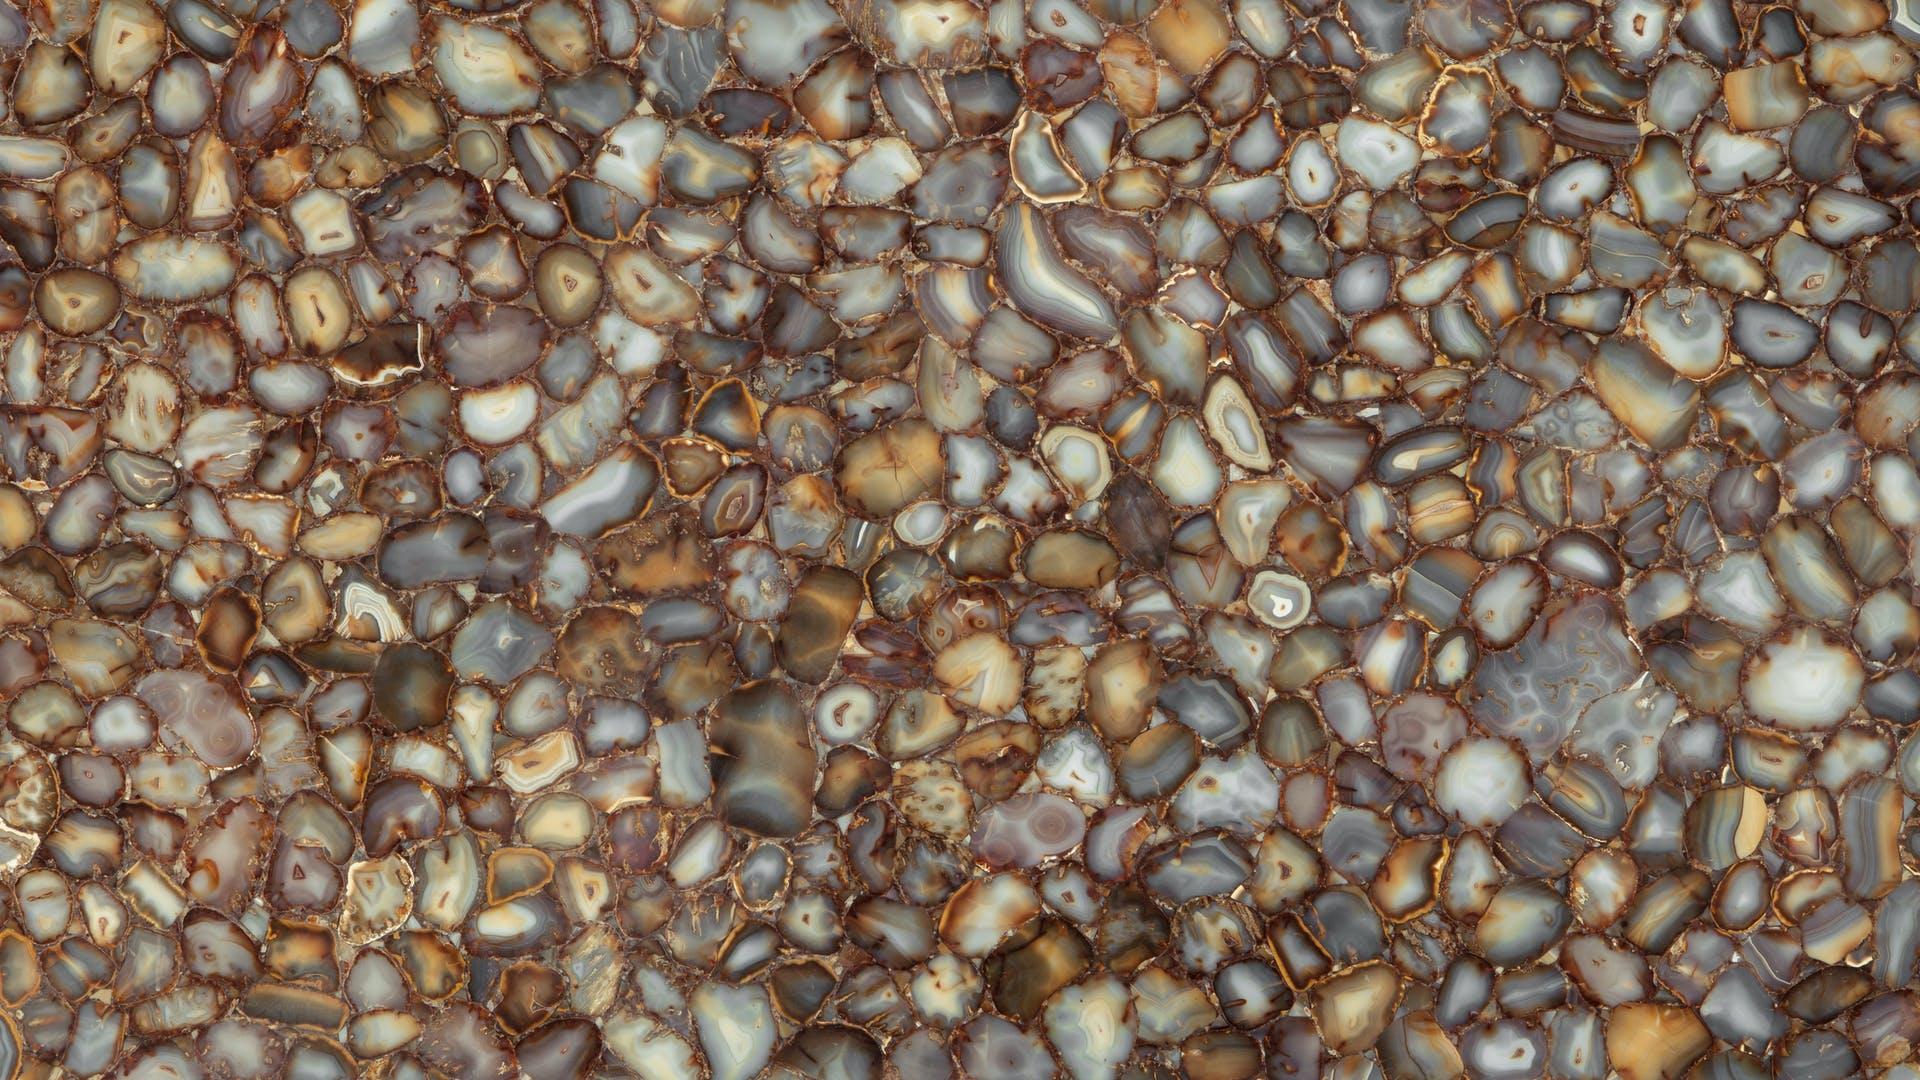 Placa de Piedras Semipreciosas Carnelian Pulido Prexury Collection